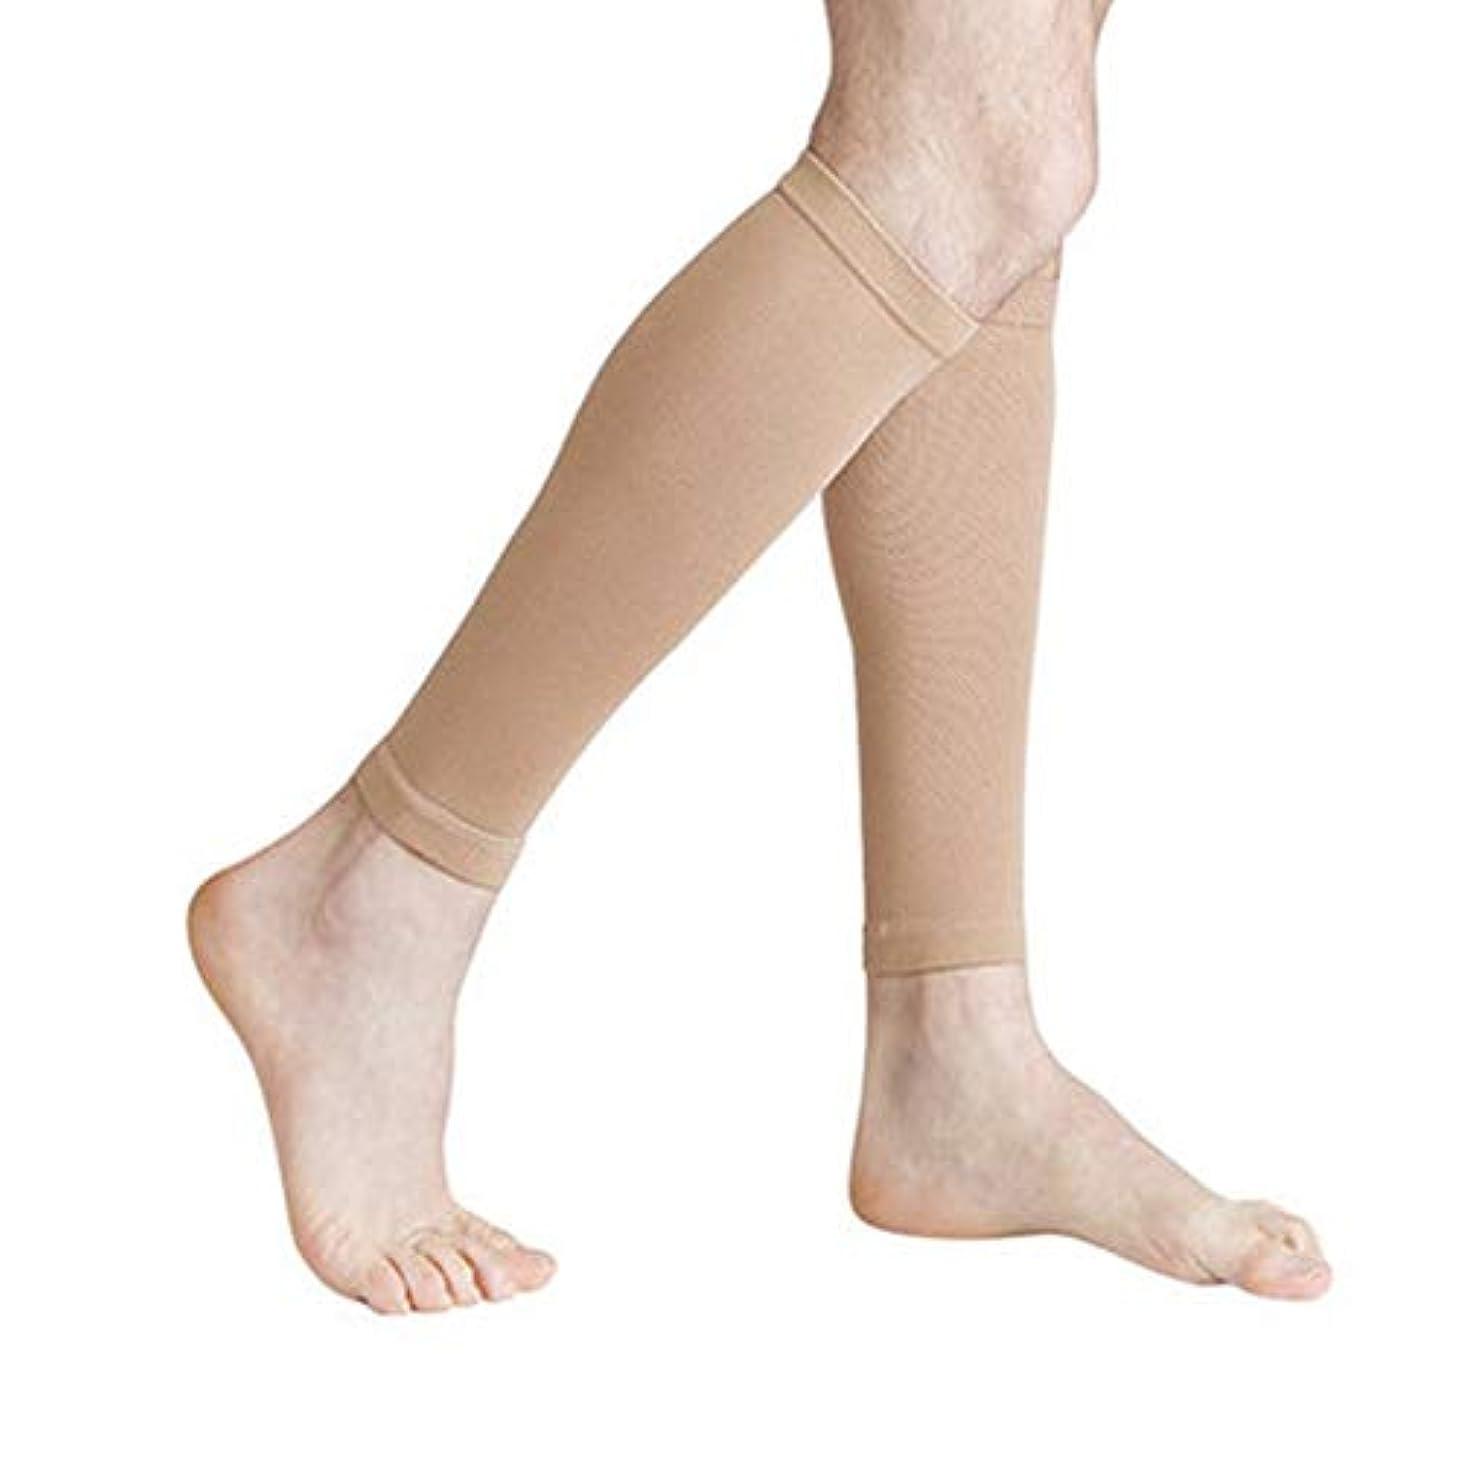 オリエンテーションガイダンスドラム丈夫な男性女性プロの圧縮靴下通気性のある旅行活動看護師用シントスプリントフライトトラベル - 肌色